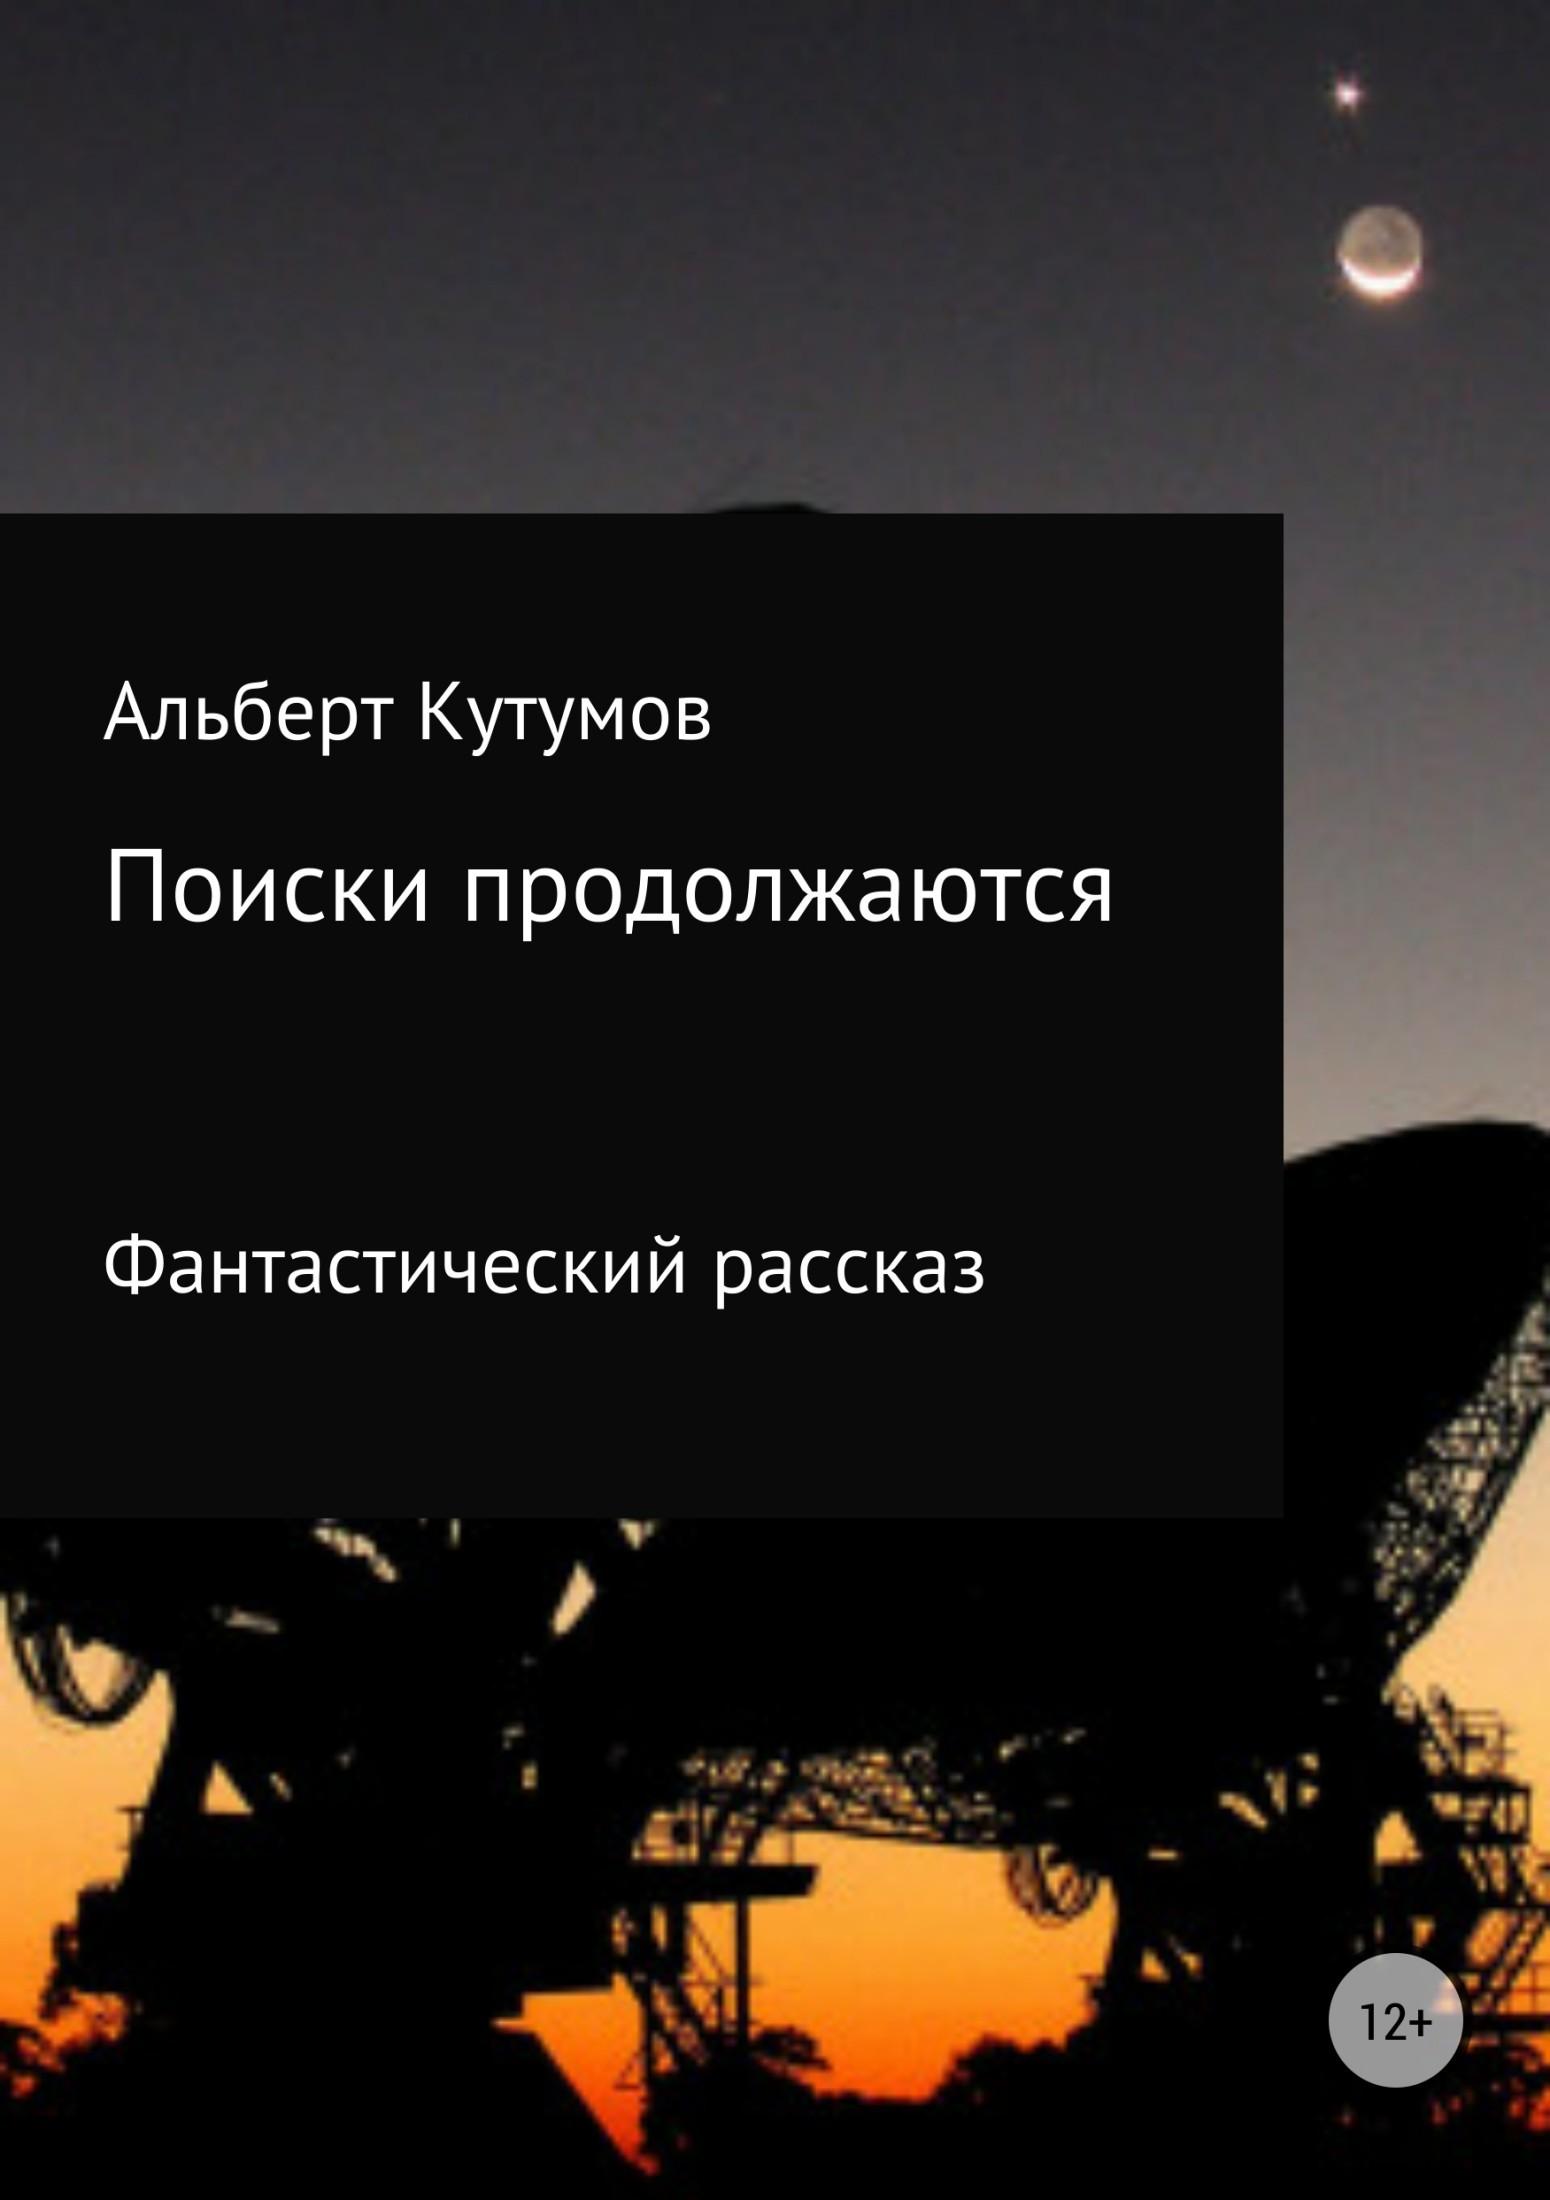 Альберт Тимурович Кутумов бесплатно